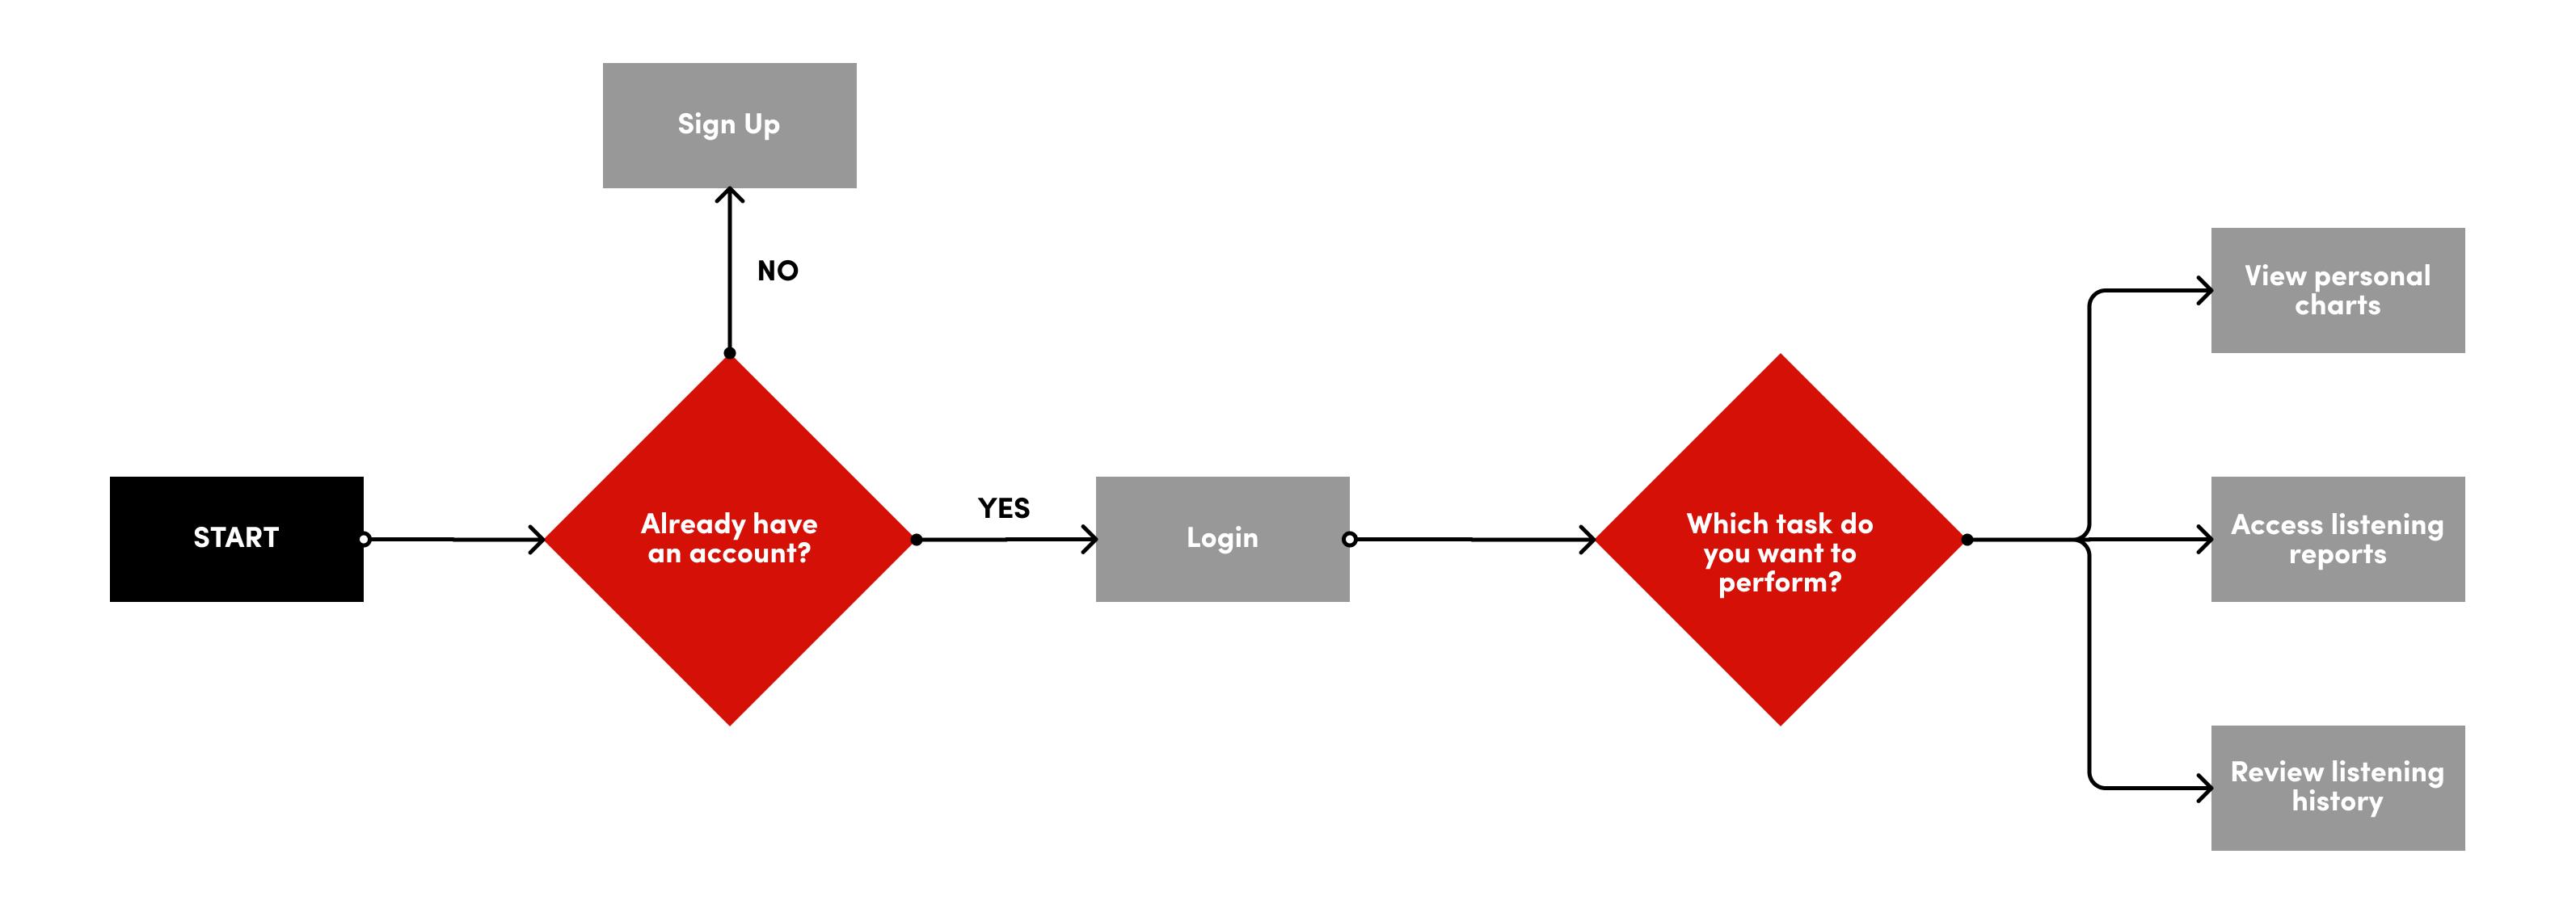 Current task flow for last.fm